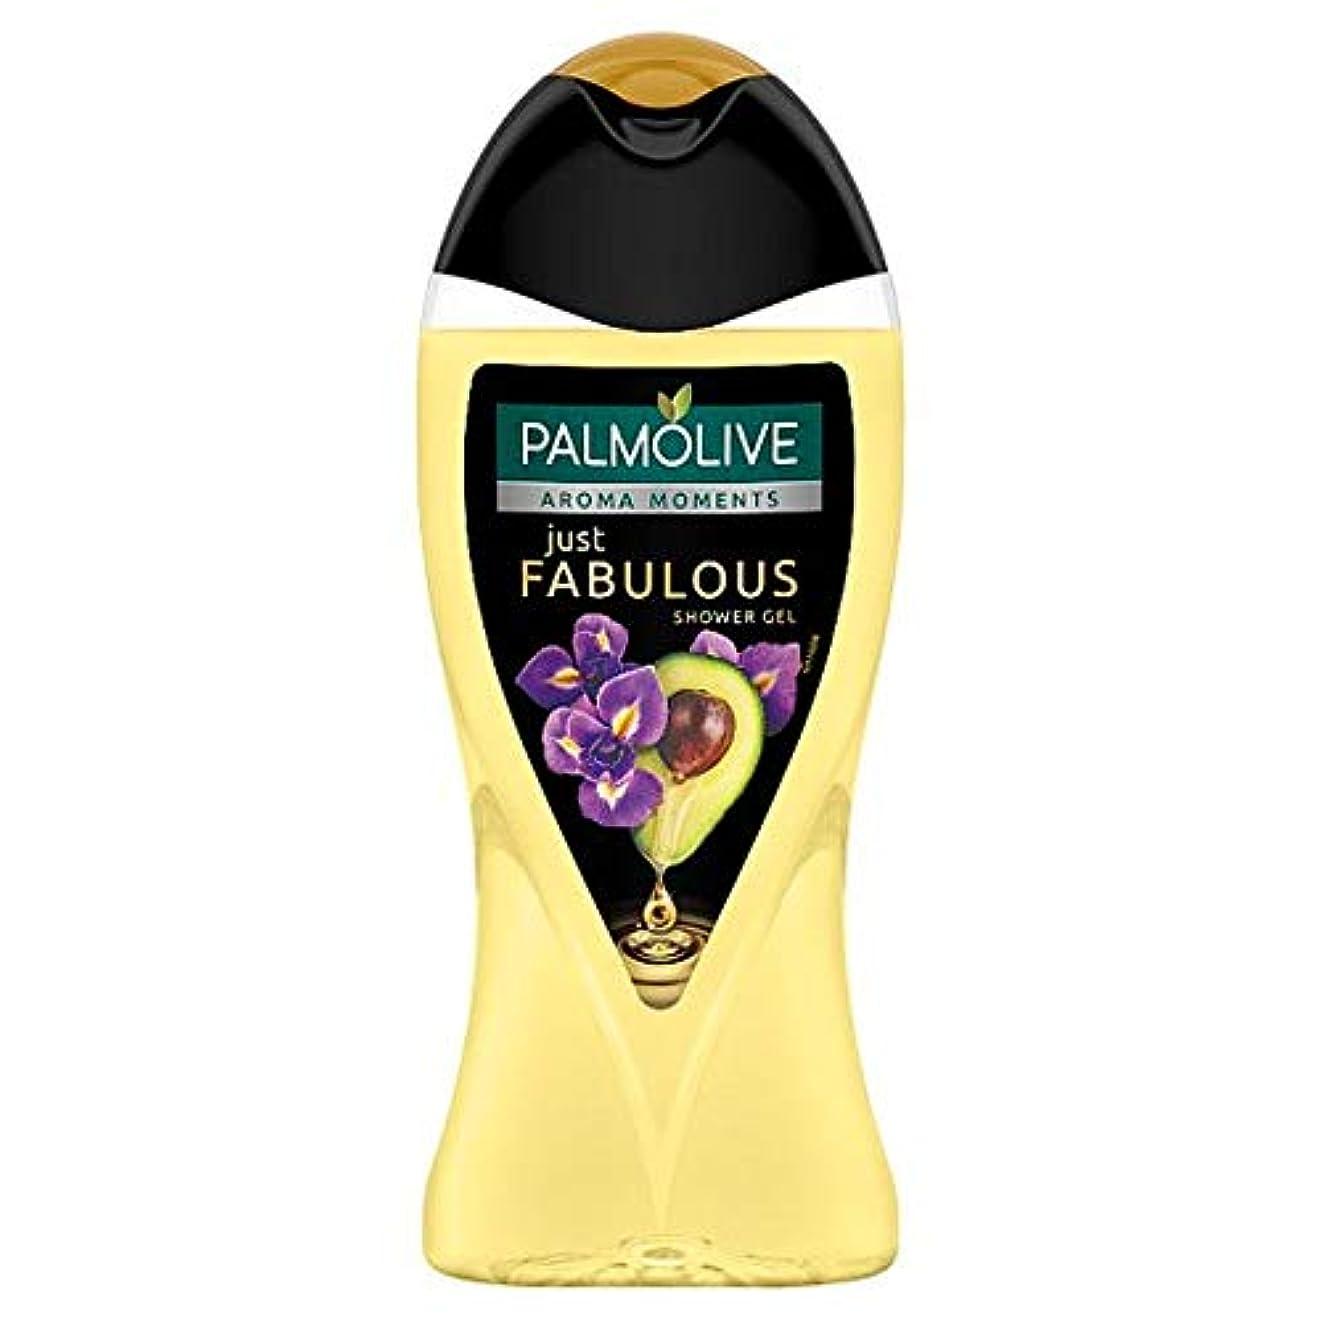 マディソンバルーン乗り出す[Palmolive] ちょうど素晴らしいシャワージェル250ミリリットルをパルモ - Palmolive Just Fabulous Shower Gel 250Ml [並行輸入品]